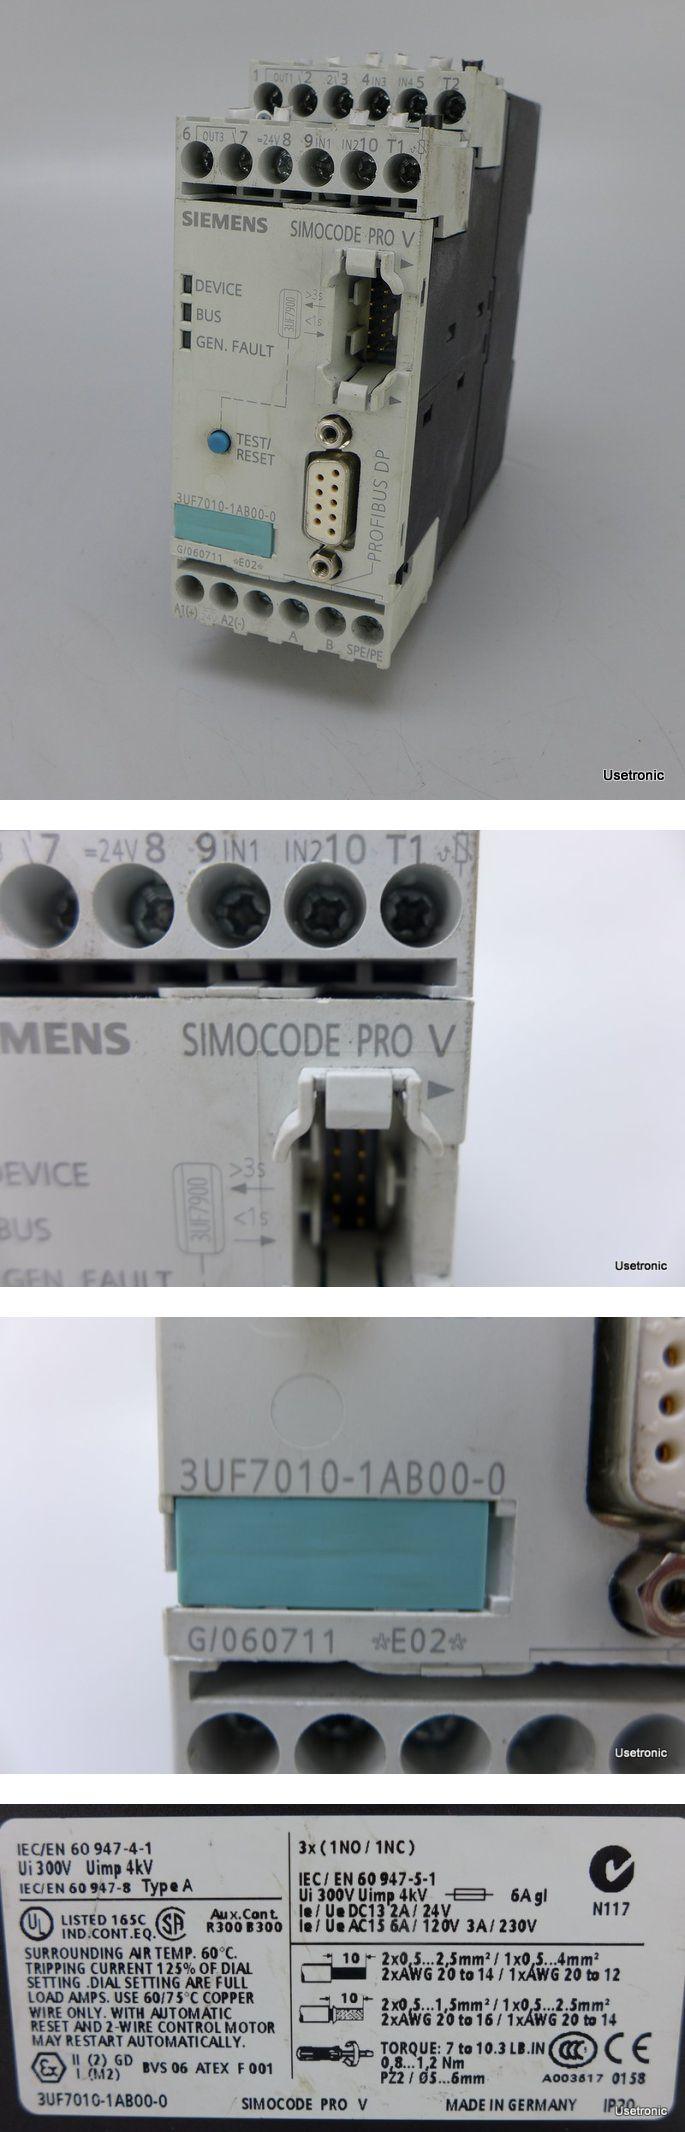 Siemens Simocode Pro V 3UF7010-1AB00-0